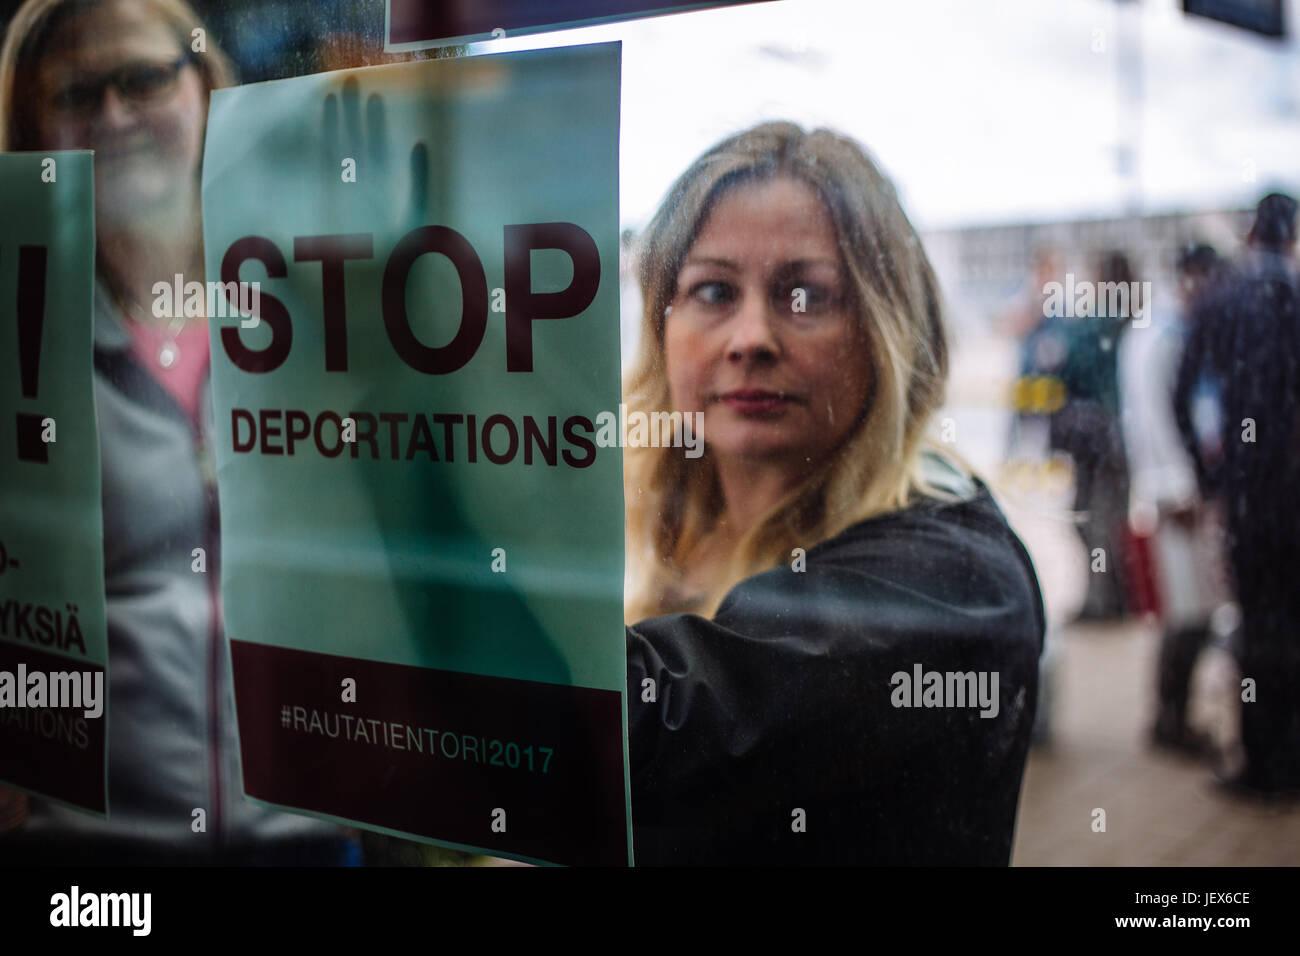 Vanda, Finlande. 27 Juin, 2017. Le 27 juin, les demandeurs d'asile et des activistes finlandais ont organisé Photo Stock